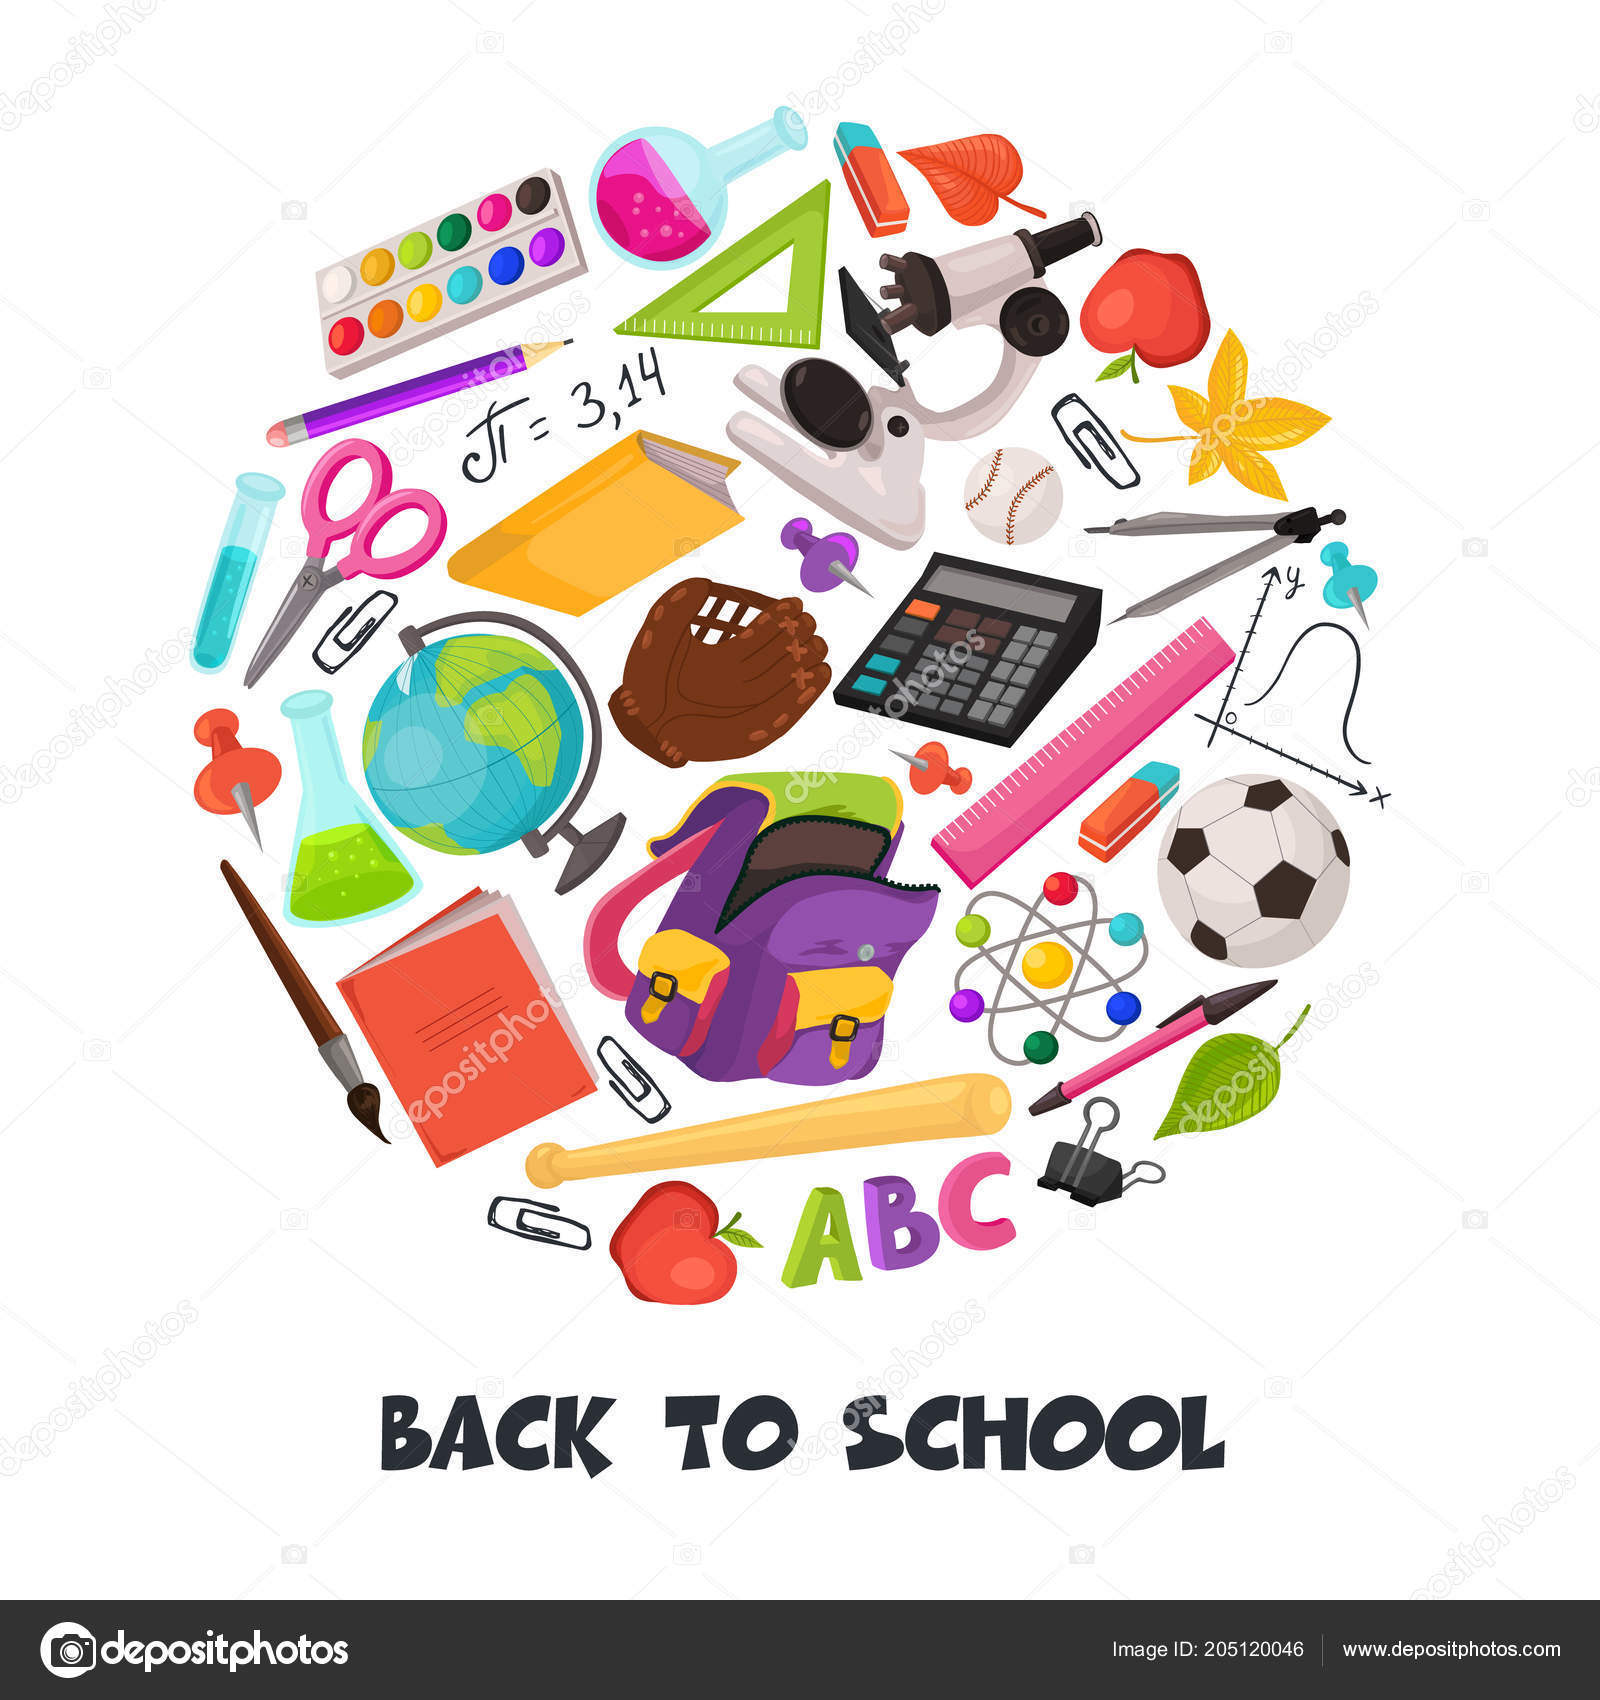 5ba16392fb Το χέρι συντάσσονται σχολείο αντικείμενα σε στρογγυλή σύνθεση.  Εικονογράφηση φορέα εκπαίδευσης στοιχεία σχεδιασμού που απομονώνονται σε  λευκό φόντο.